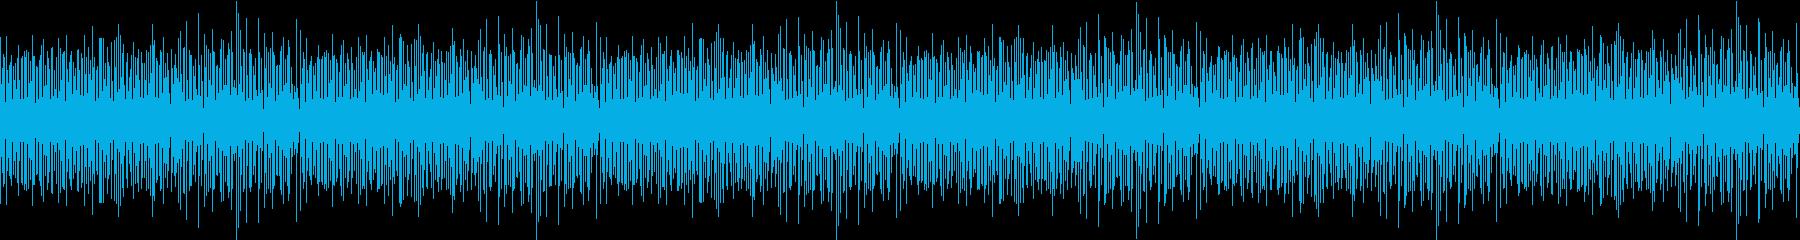 静かなジャズトリオループ、おしゃれ、大人の再生済みの波形